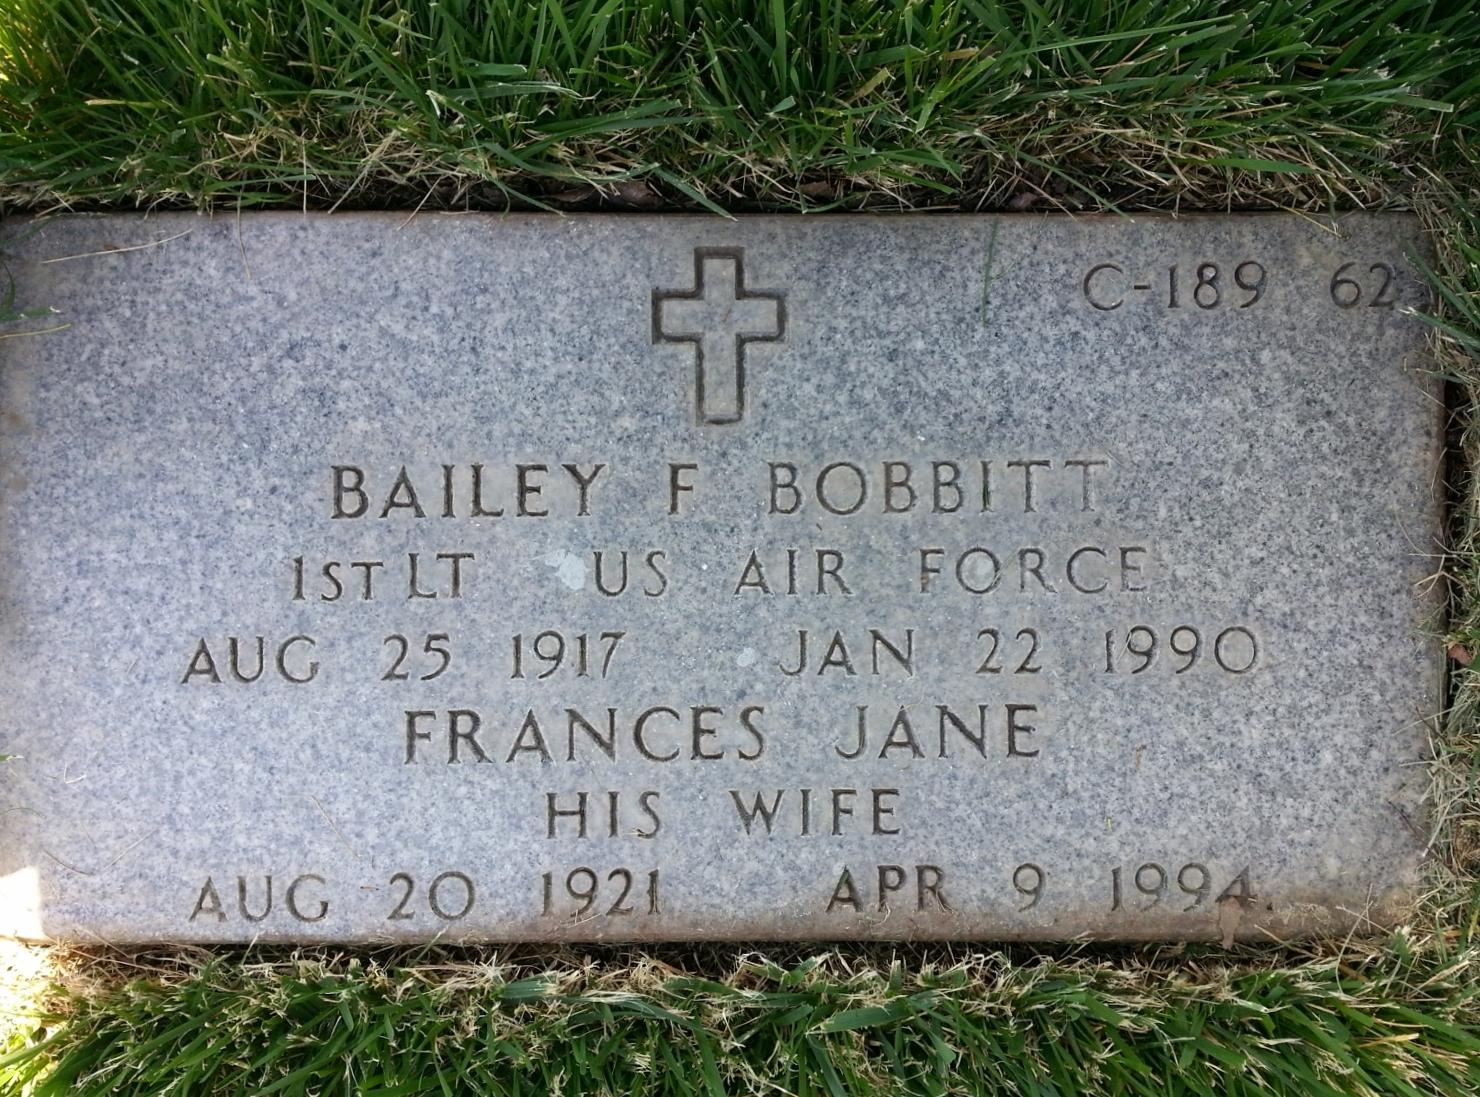 Bailey F Bobbitt